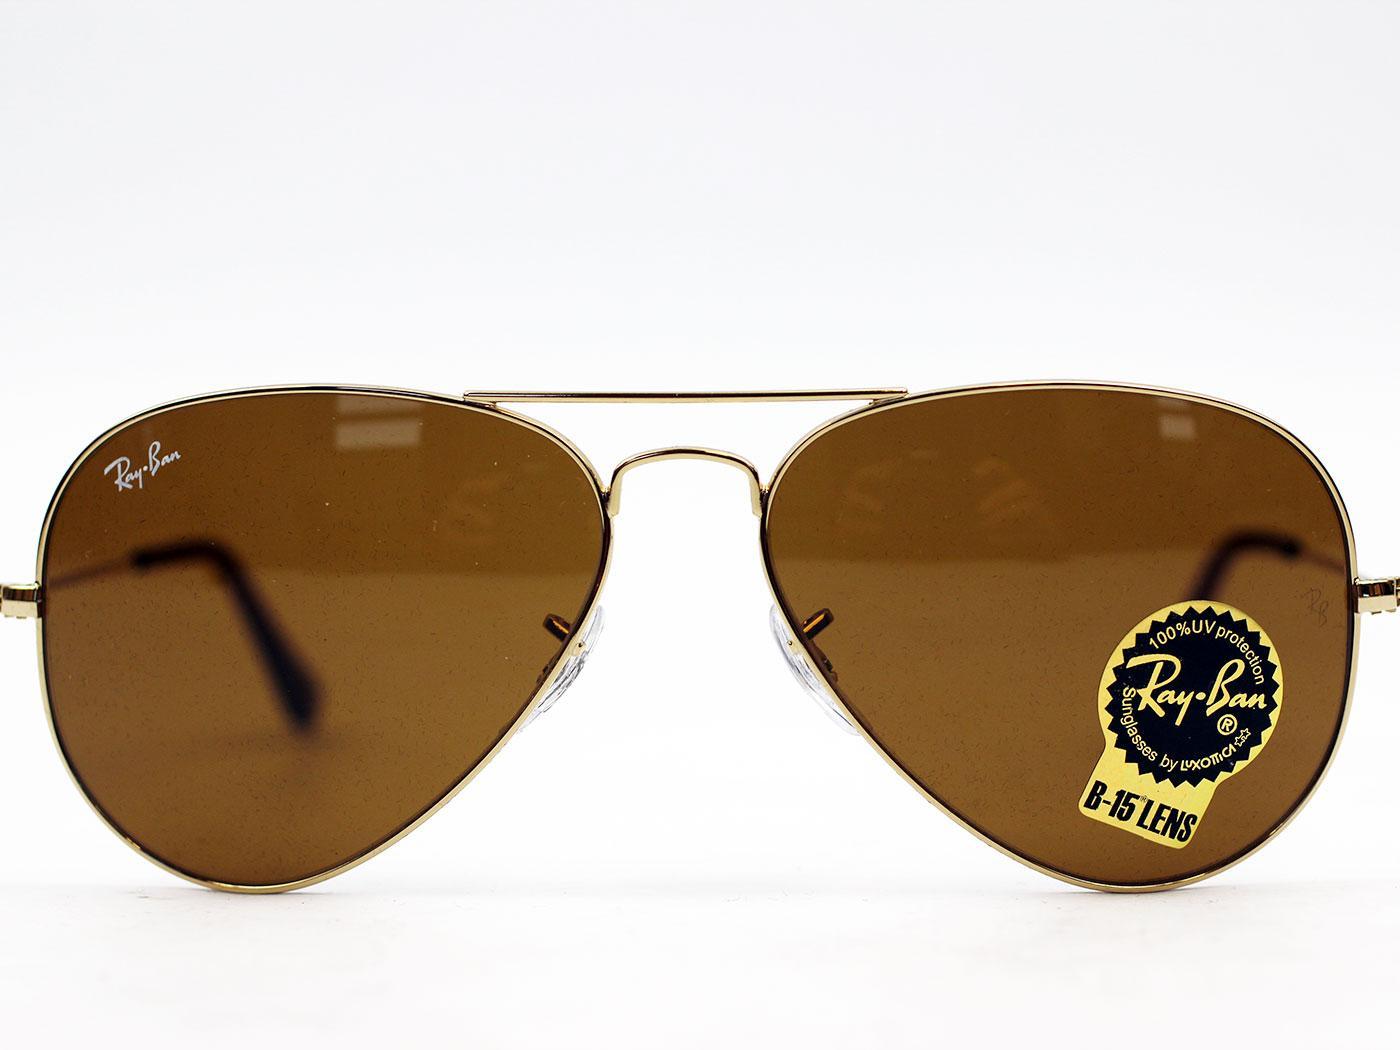 Ray-Ban Aviator Original Retro Mod Sunglasses G/B